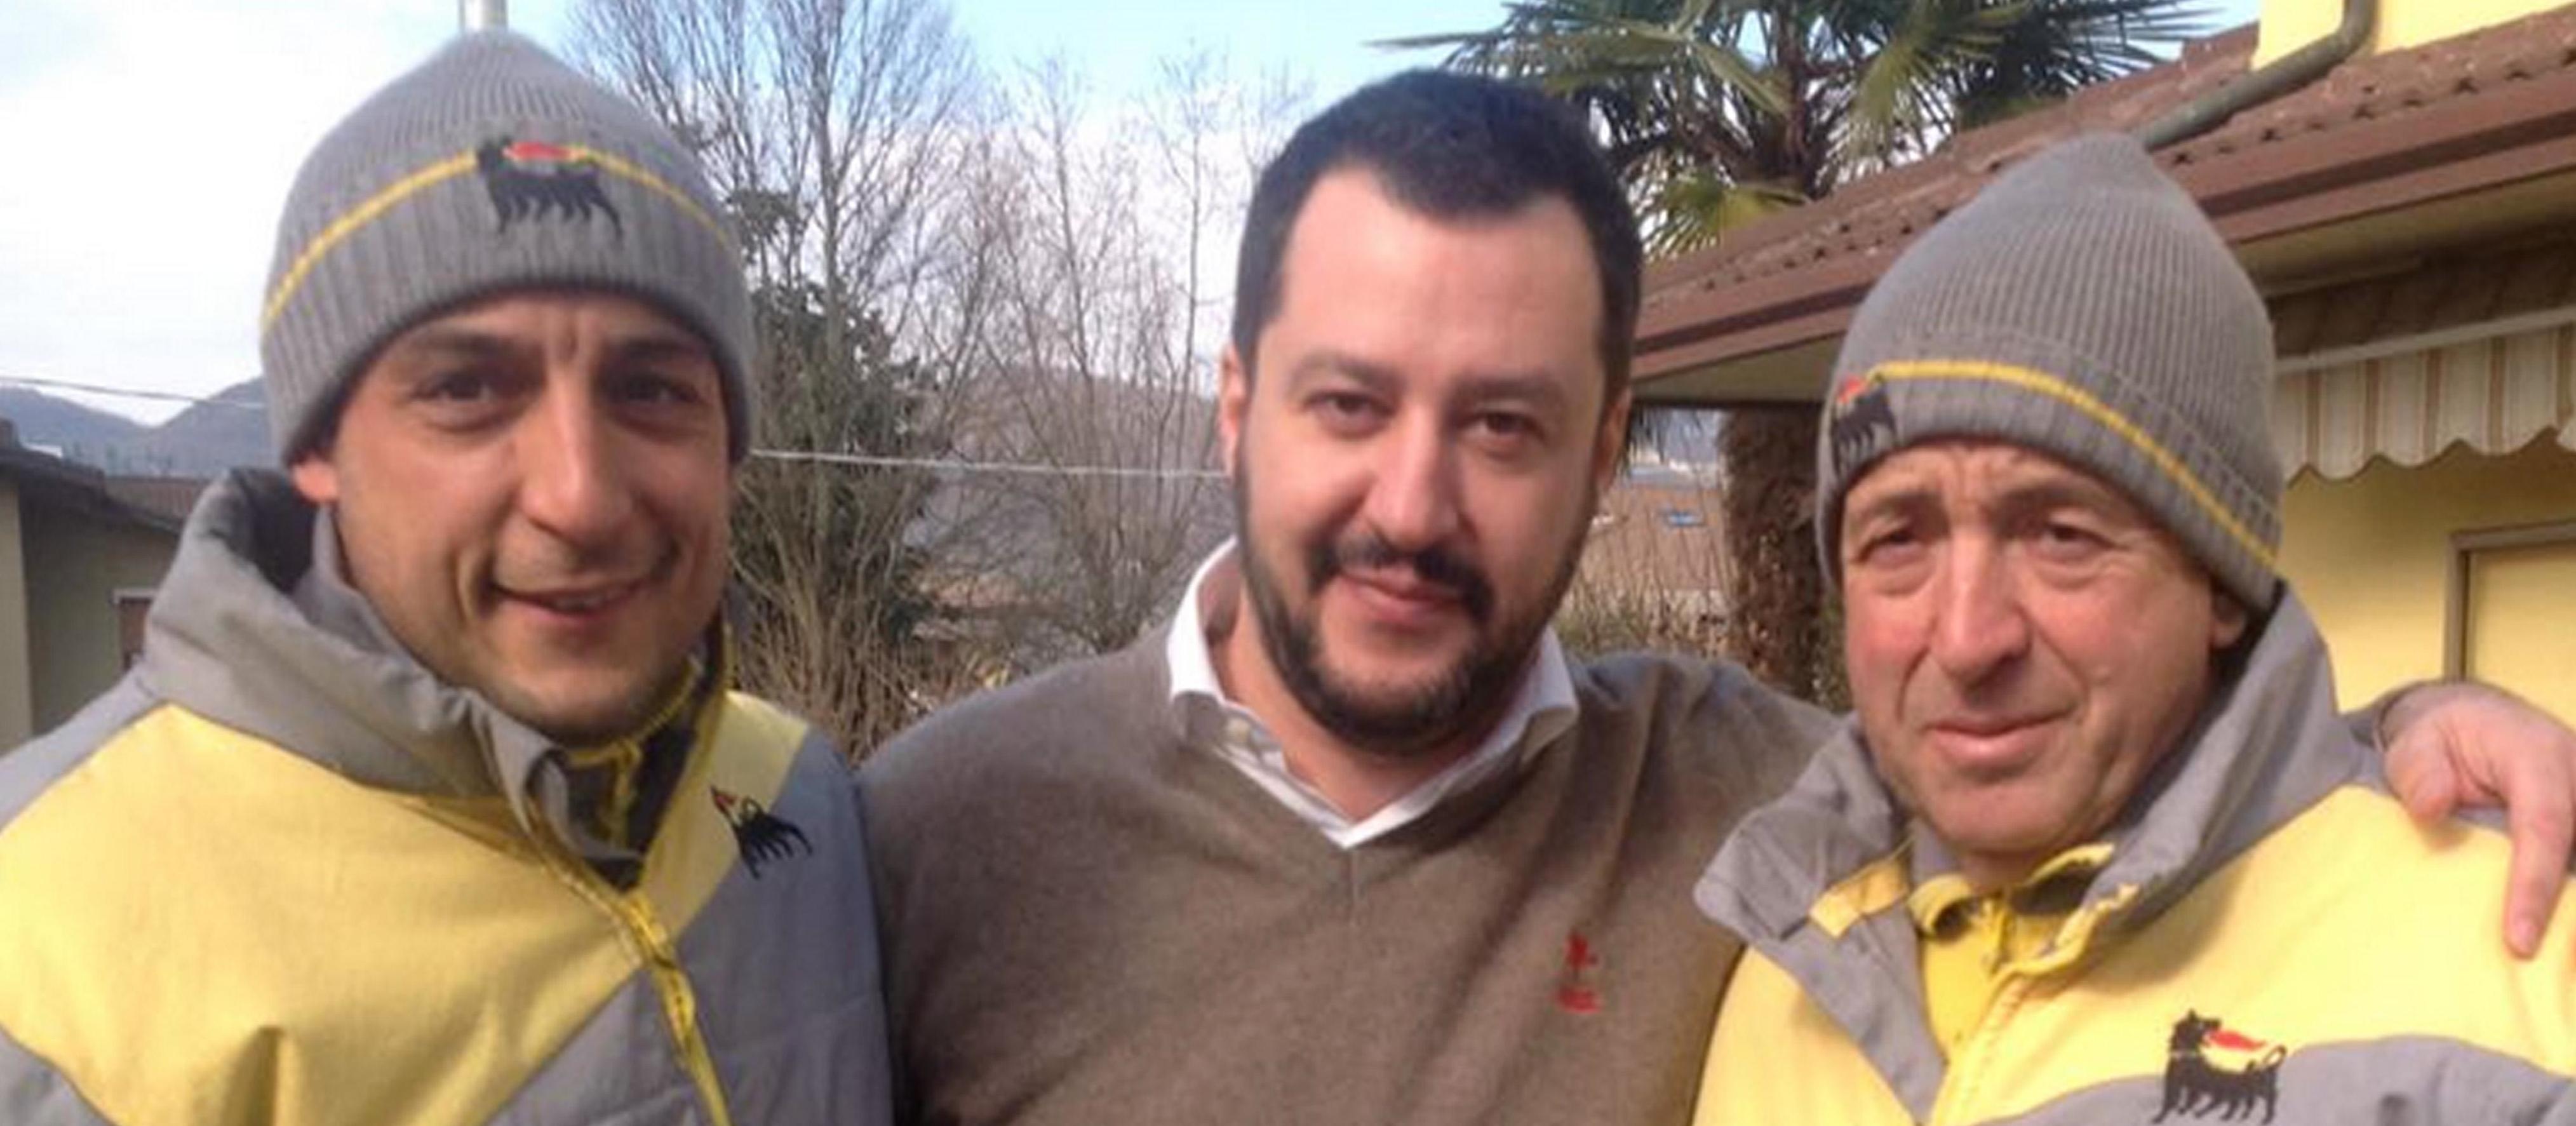 Matteo Salvini con gli Stacchio, padre e figlio.